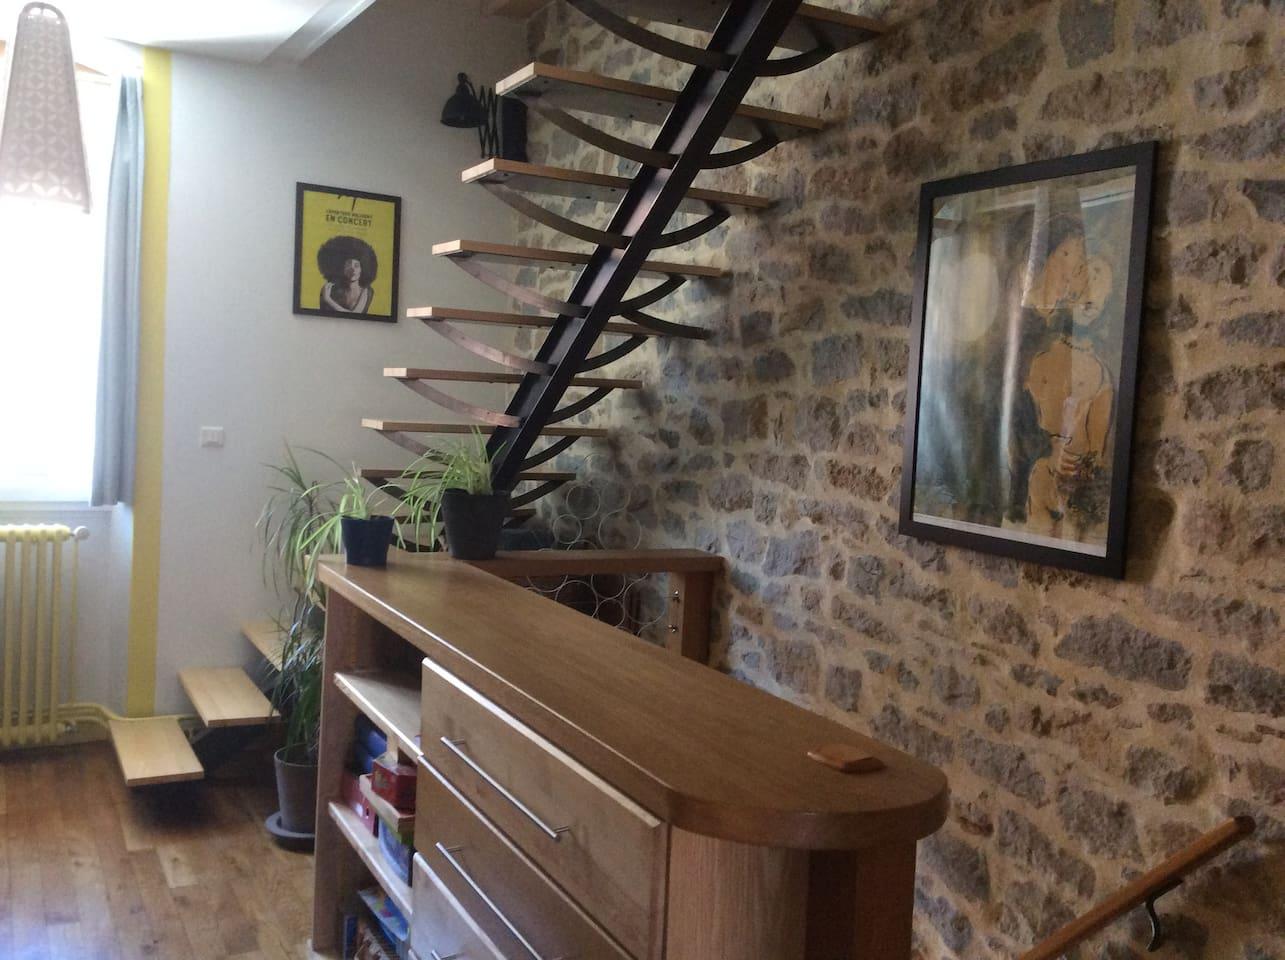 Le premier étage et l'escalier qui mène aux deux chambres situées au 2ème étage (sous combles aménagés et très bien isolés).